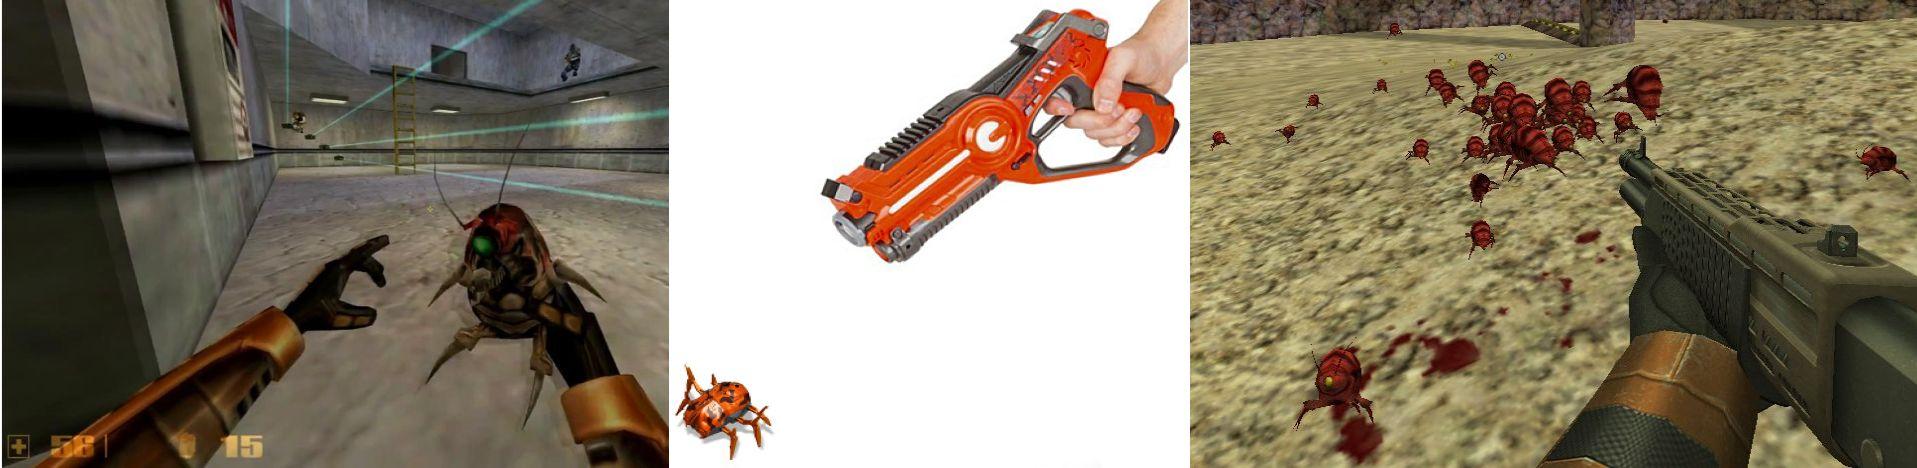 lasertag_pistol_and_snark.jpg